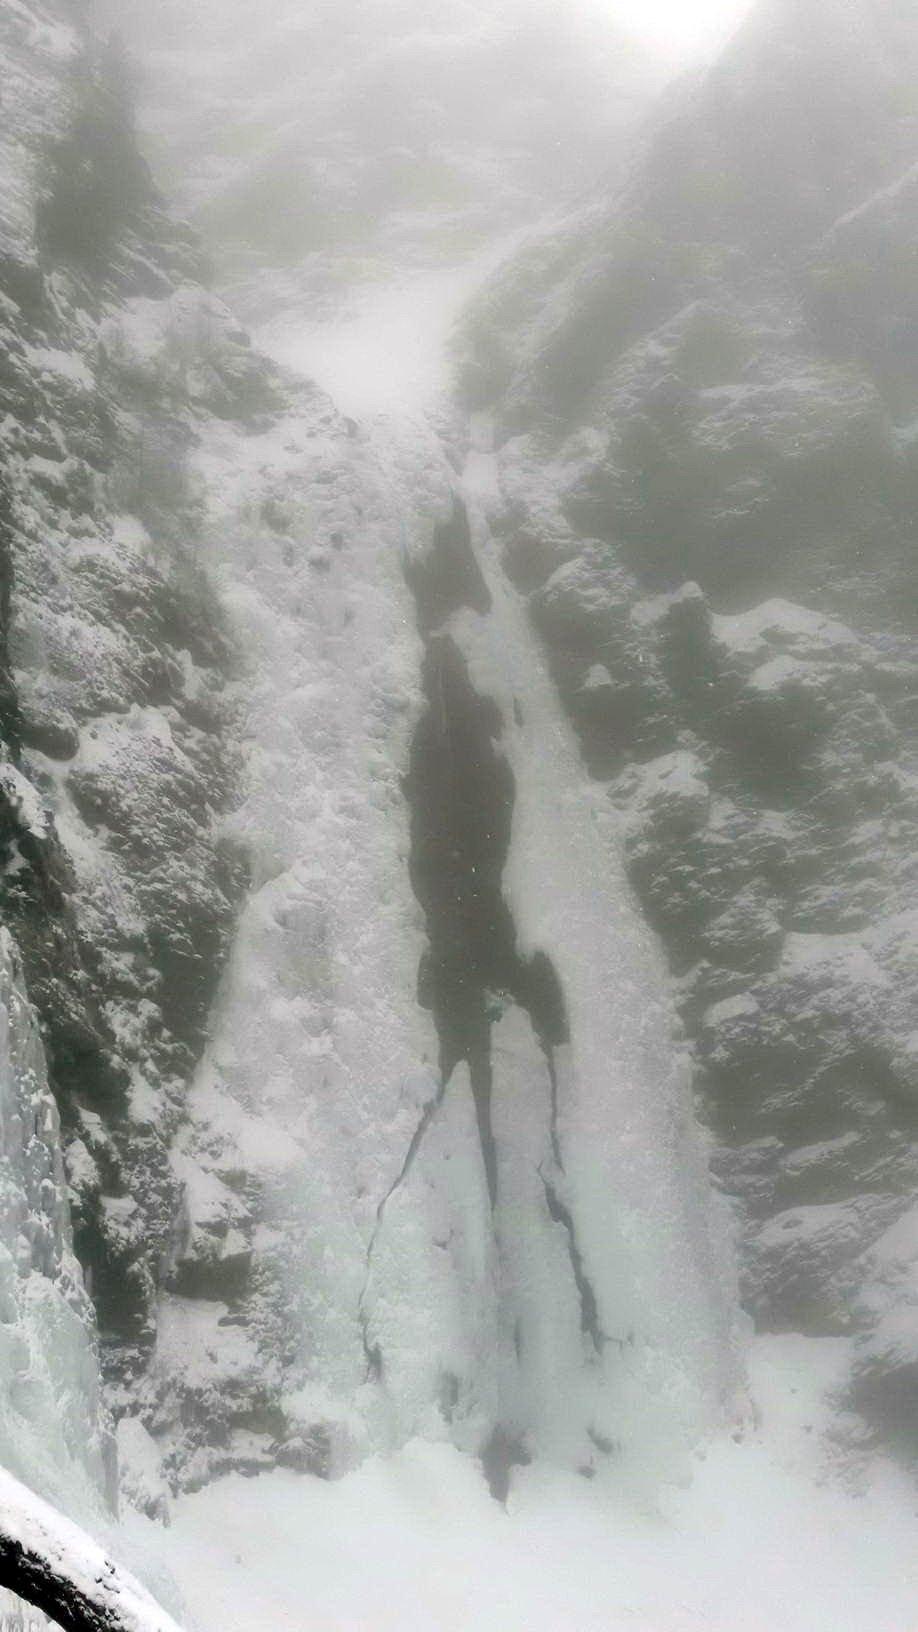 la cascata originale mezza collassata